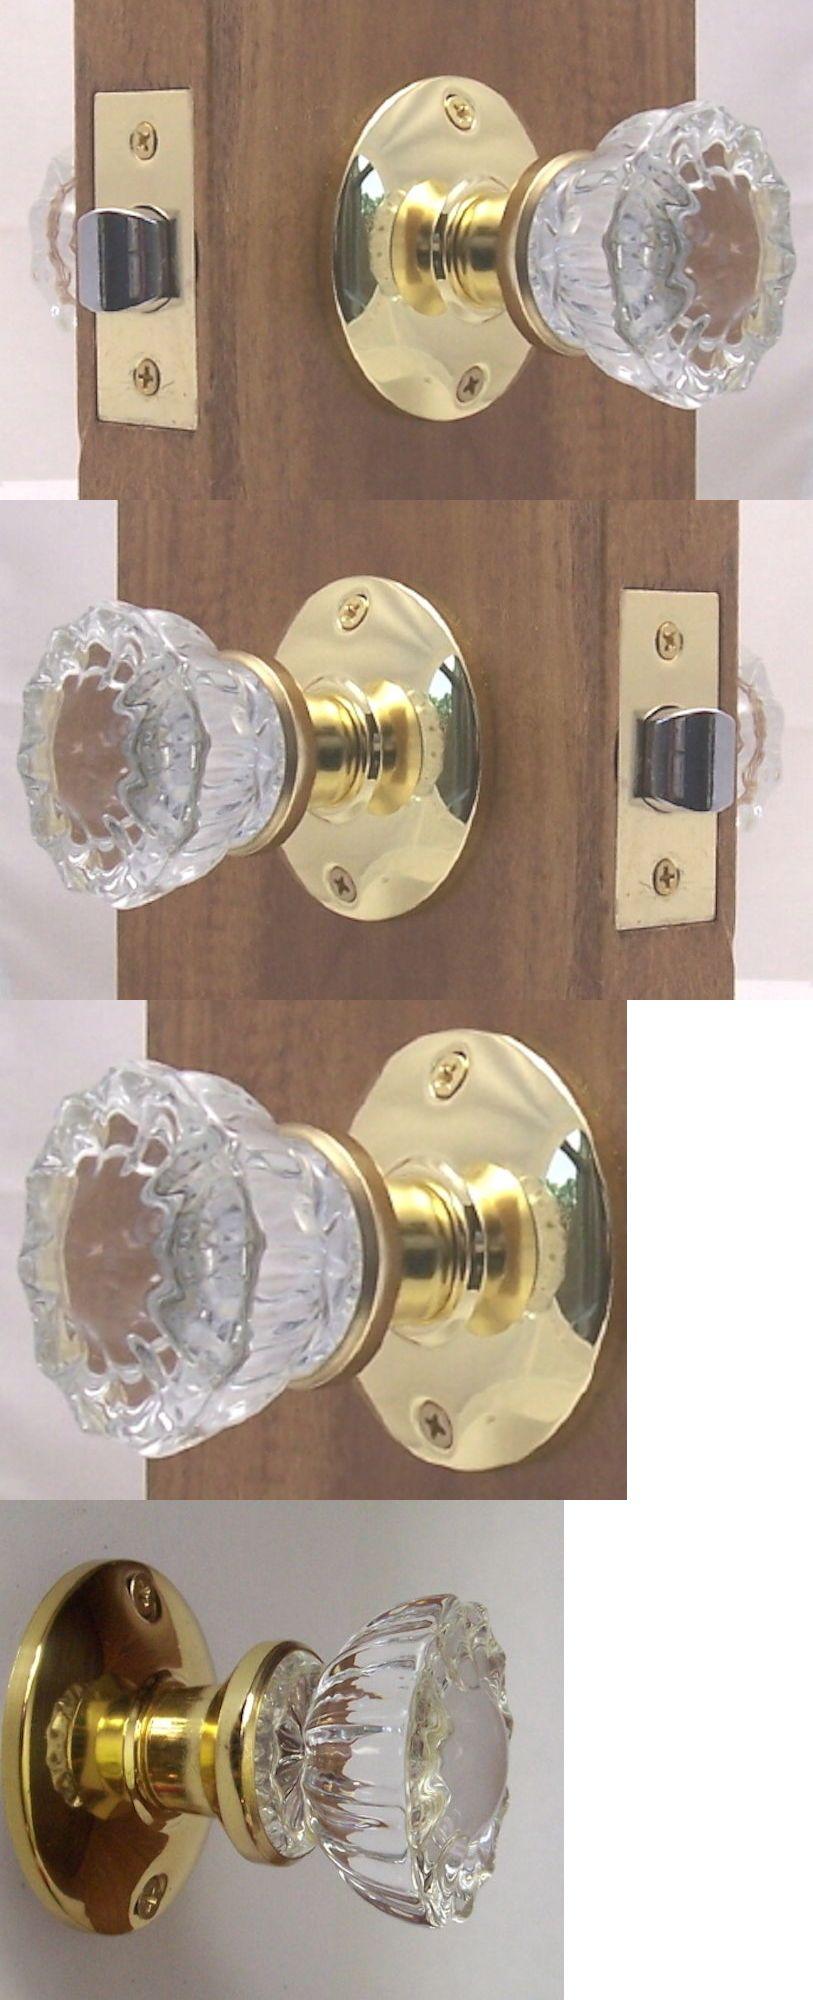 Fluted Depression Crystal Residential Passage Door Knob Set Complete-DIY KIT